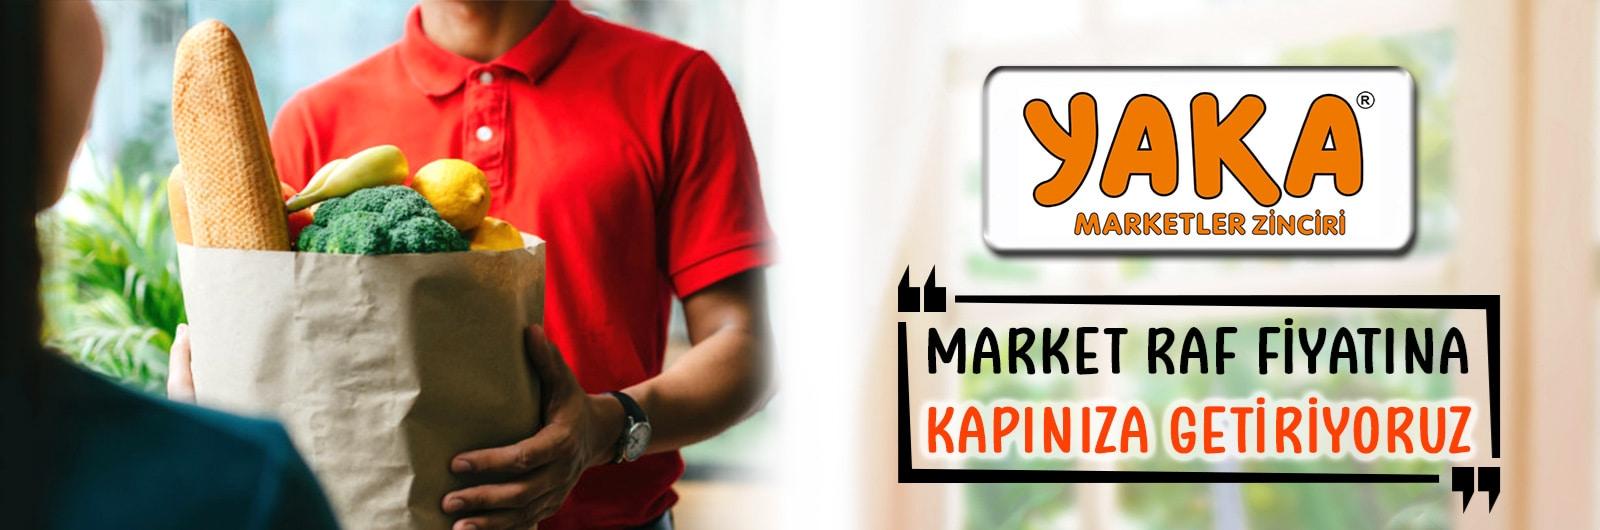 Van Yaka Marketleri Online Sipariş